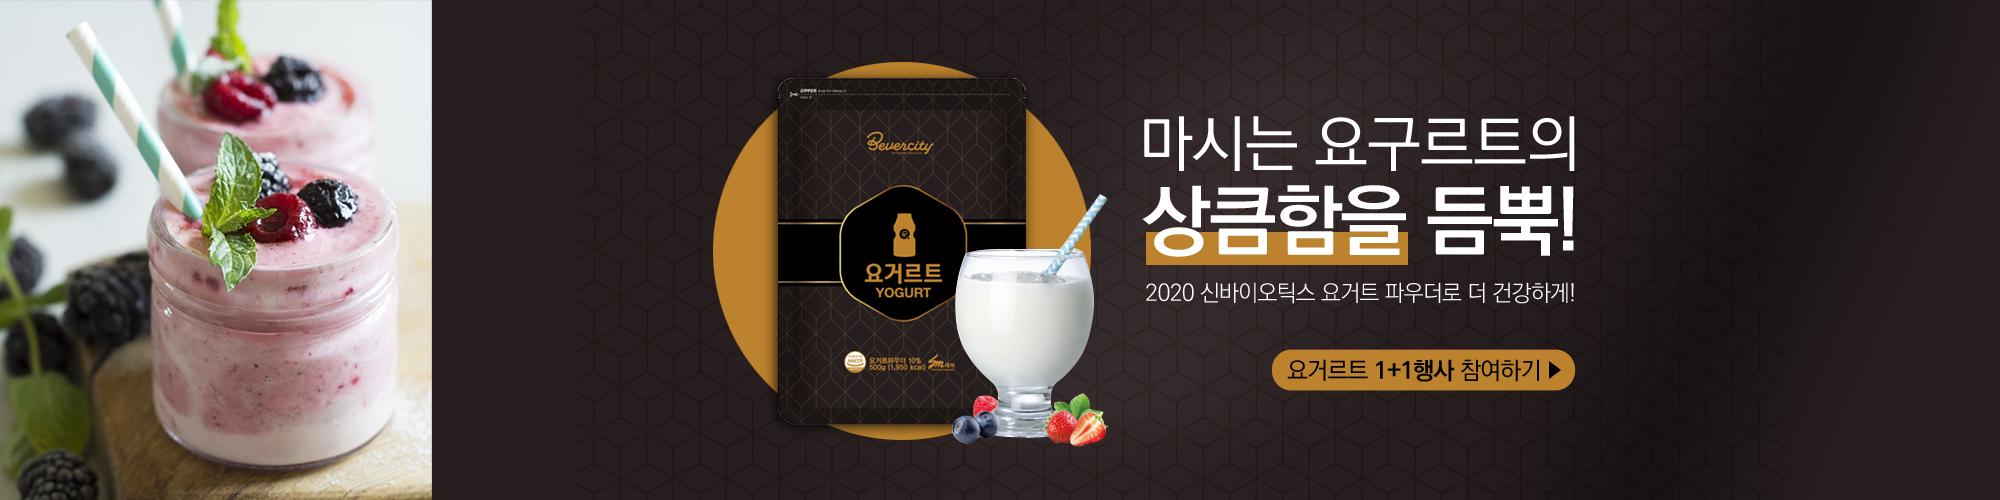 yogurt_gift_2000